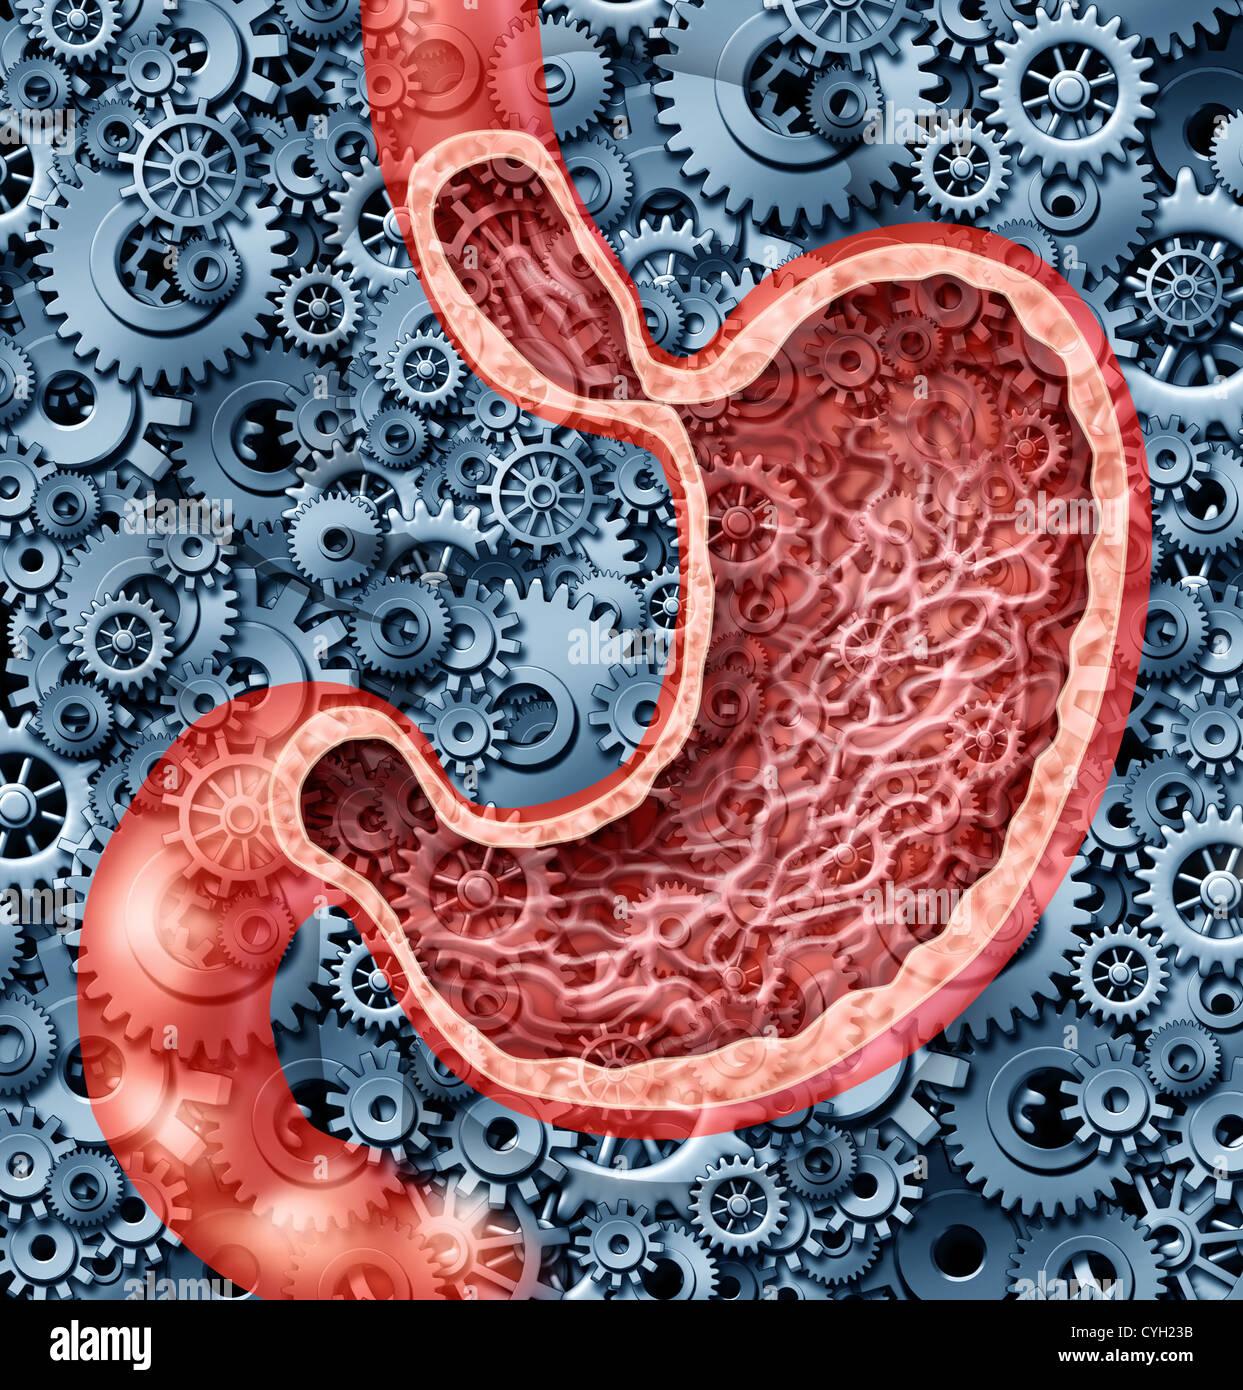 Menschliche Verdauung Funktion als ein Magen Anatomie der ...